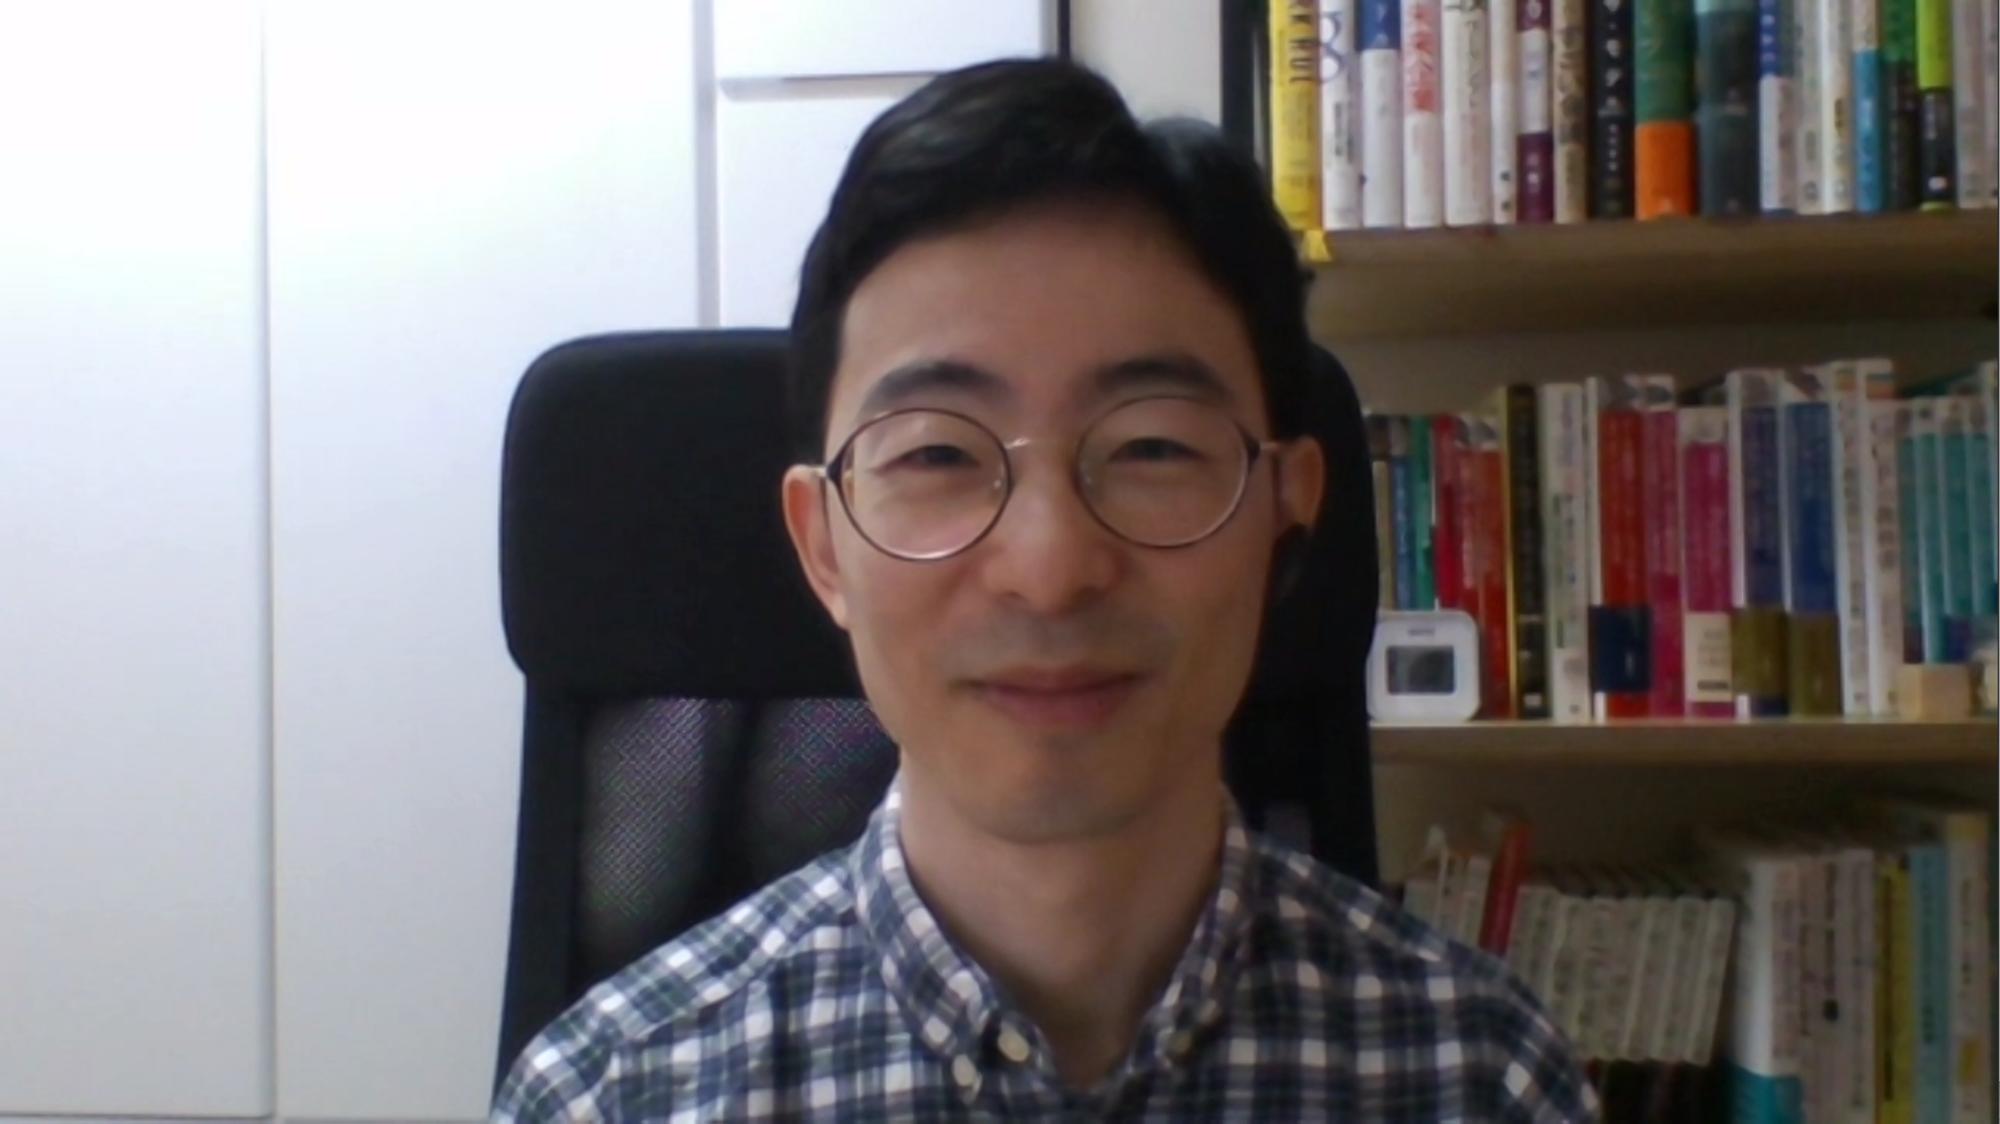 受講者インタビュー:板垣真太郎 さん